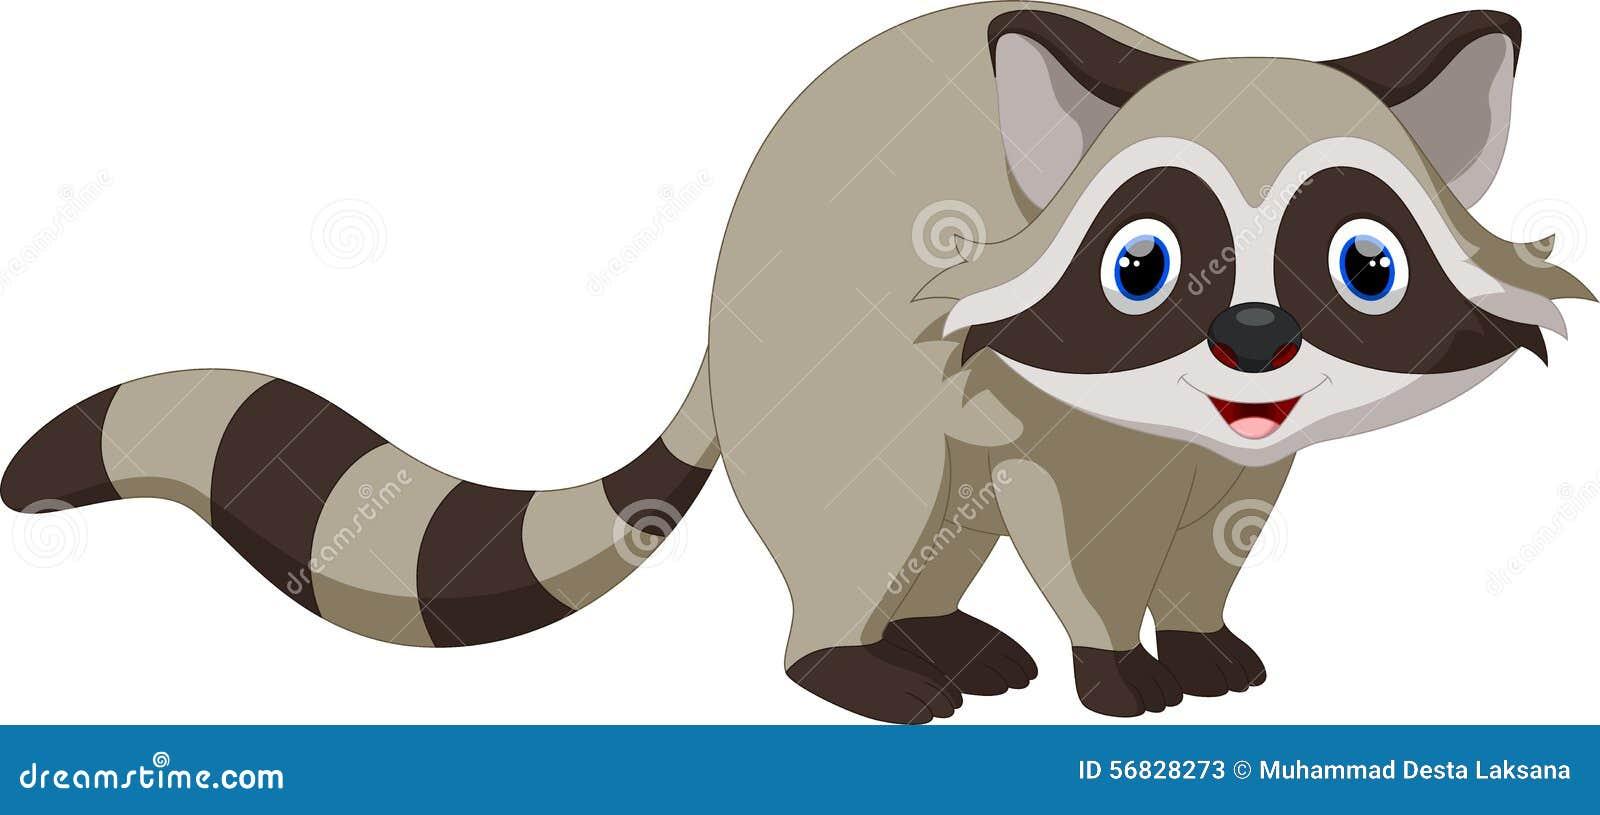 Cute Raccoon Cartoon Stock Illustration - Image: 56828273 Raccoon Drawing Easy